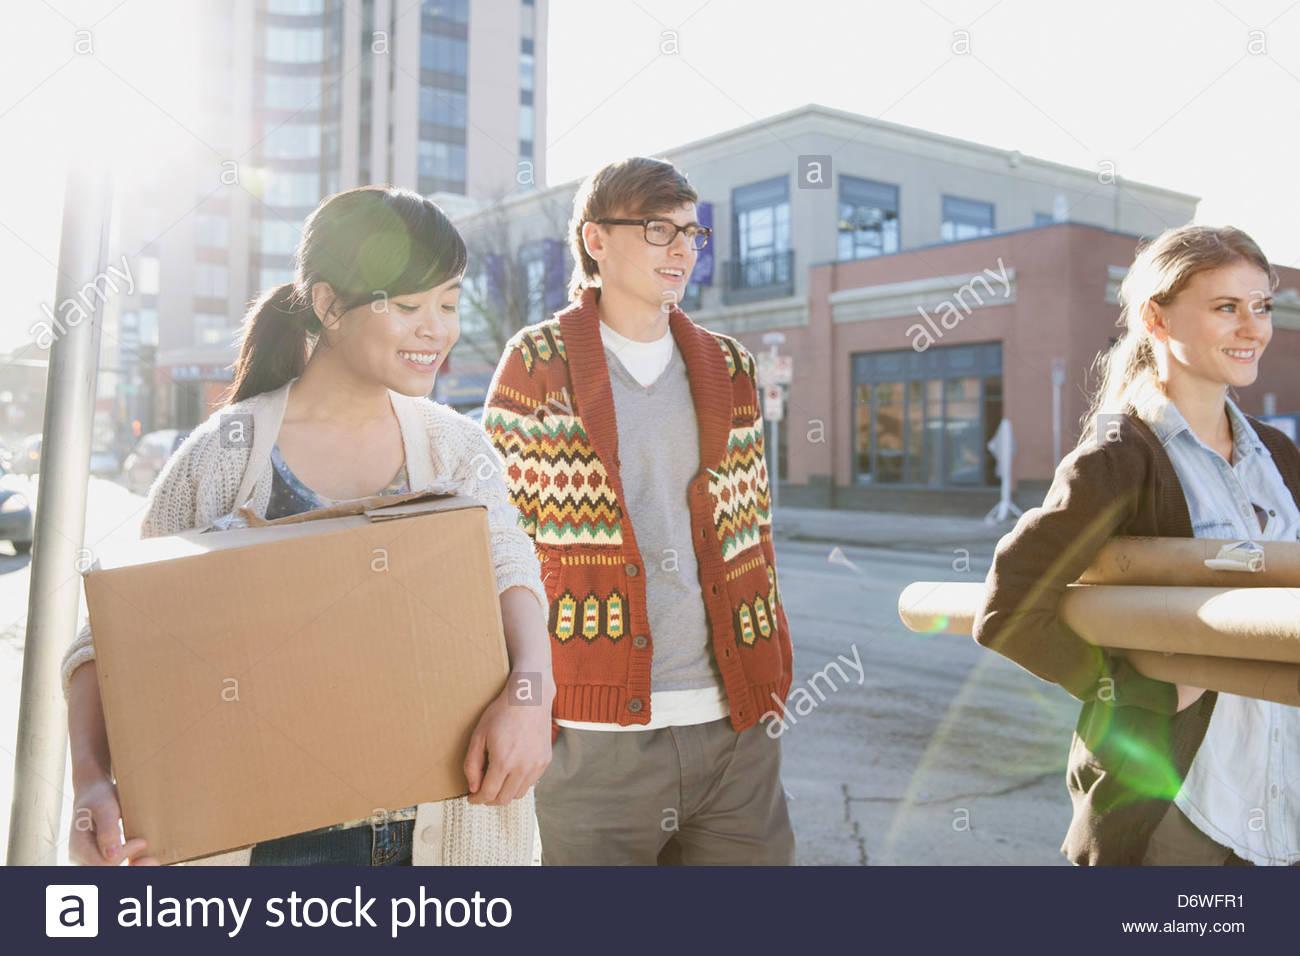 Los profesionales del diseño felices llevando paquetes con edificios en segundo plano. Imagen De Stock